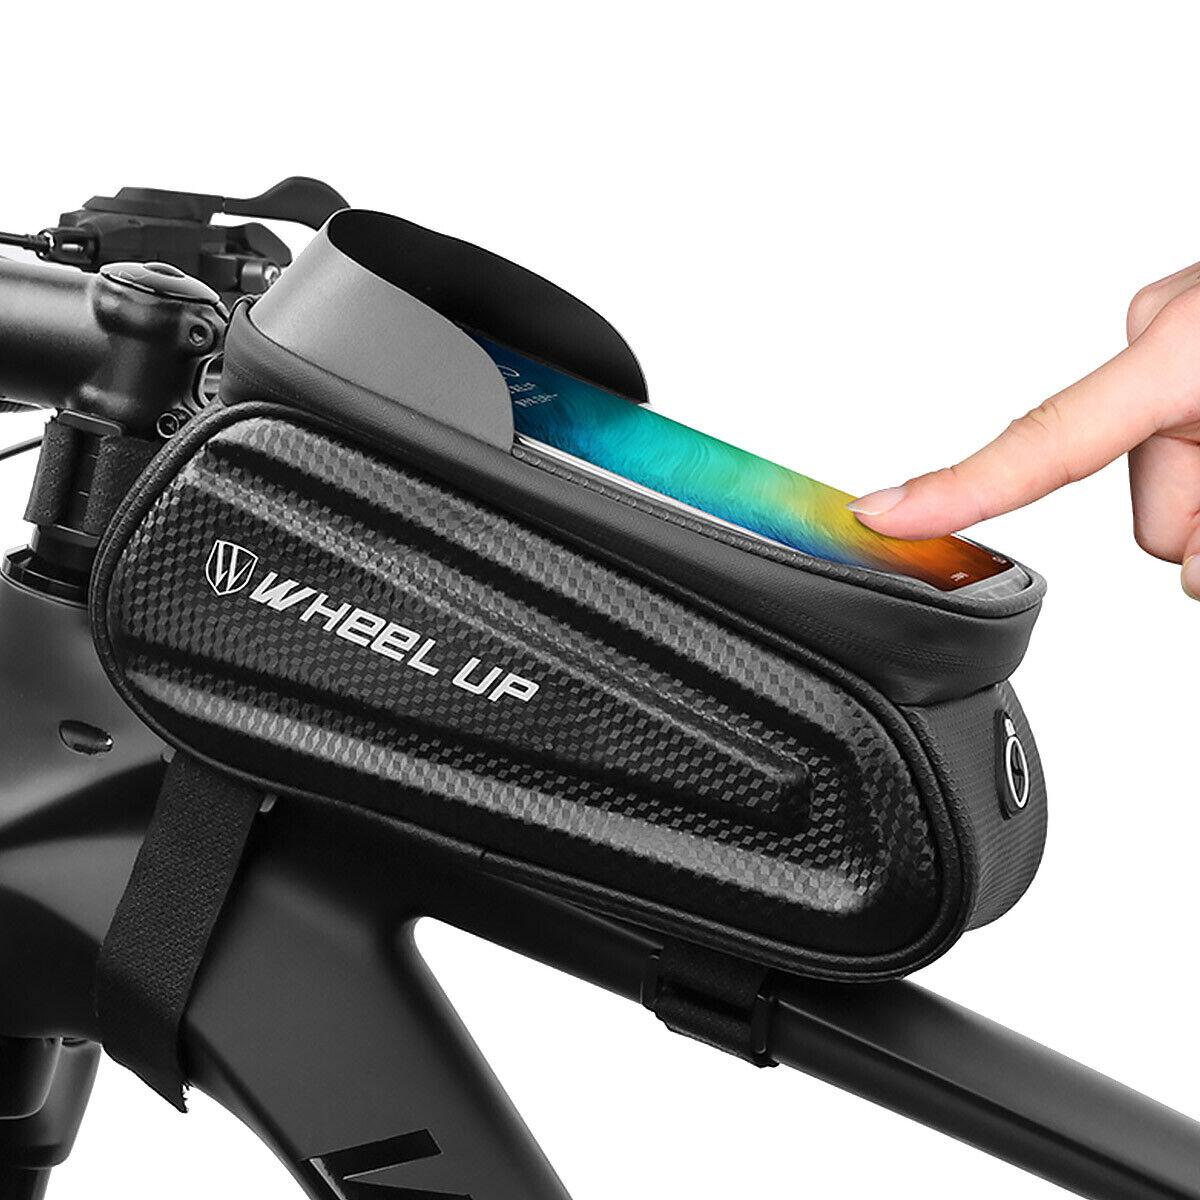 Fahrrad Tasche Rahmentasche Handy Oberrohrtasche Universal Halterung e-Bike Bag